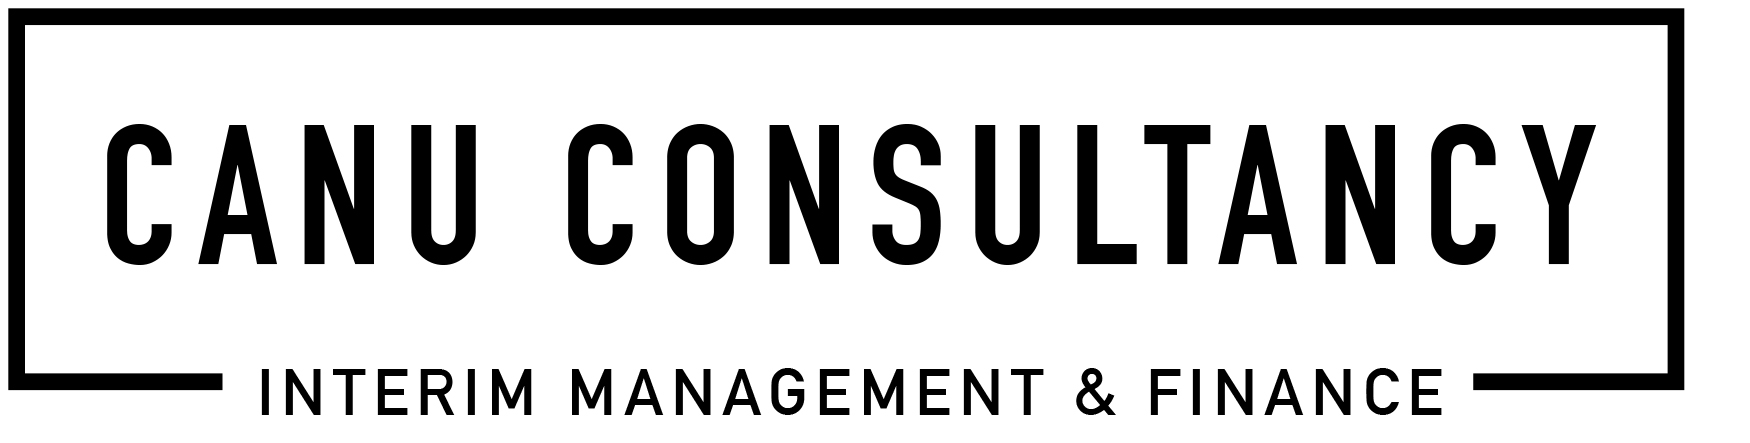 Canu Consultancy